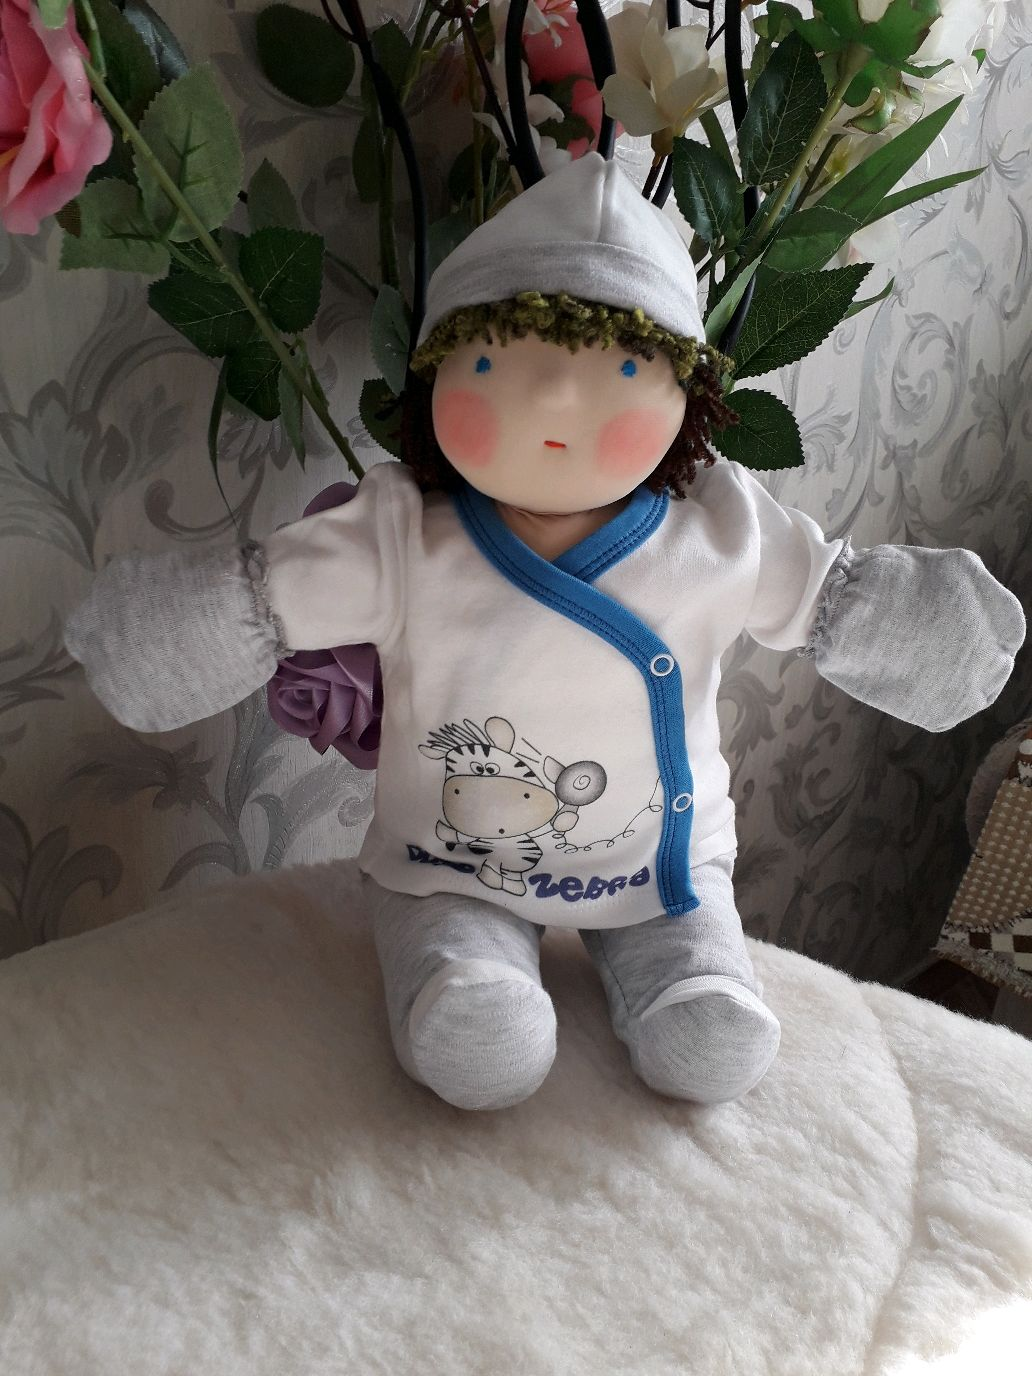 Вальдорфская кукла мальчик Сережа (43см), Вальдорфская игрушка, Киржач, Фото №1